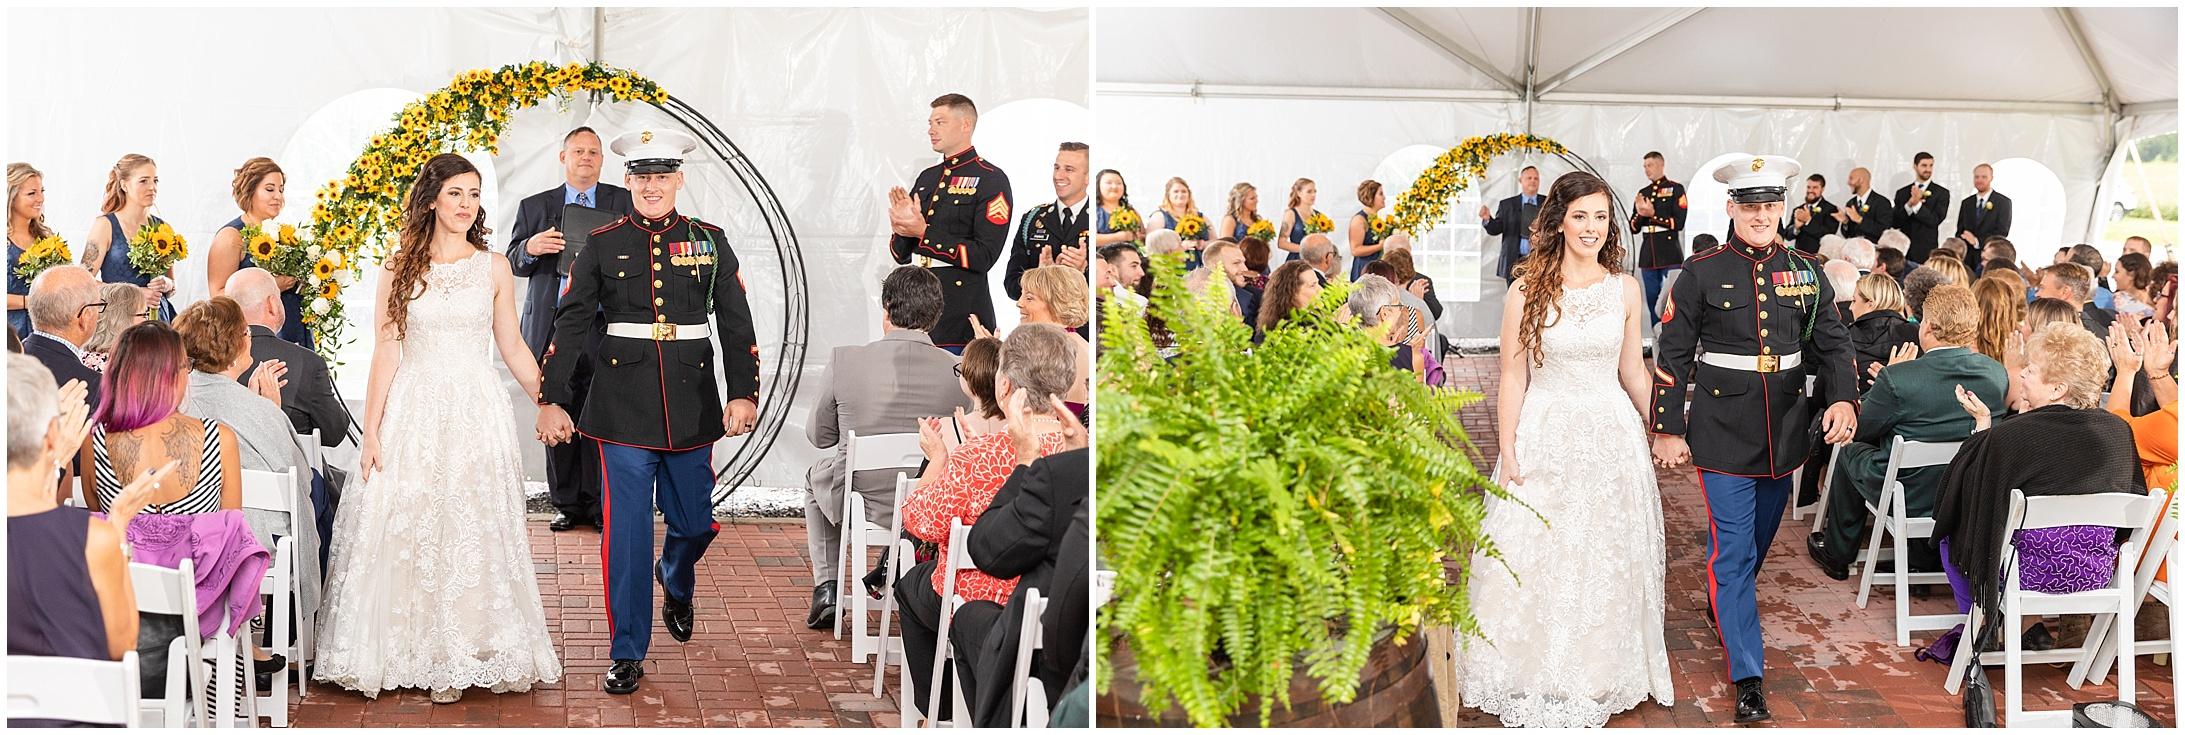 Montagu-Meadows-Wedding-Photos-911.jpg